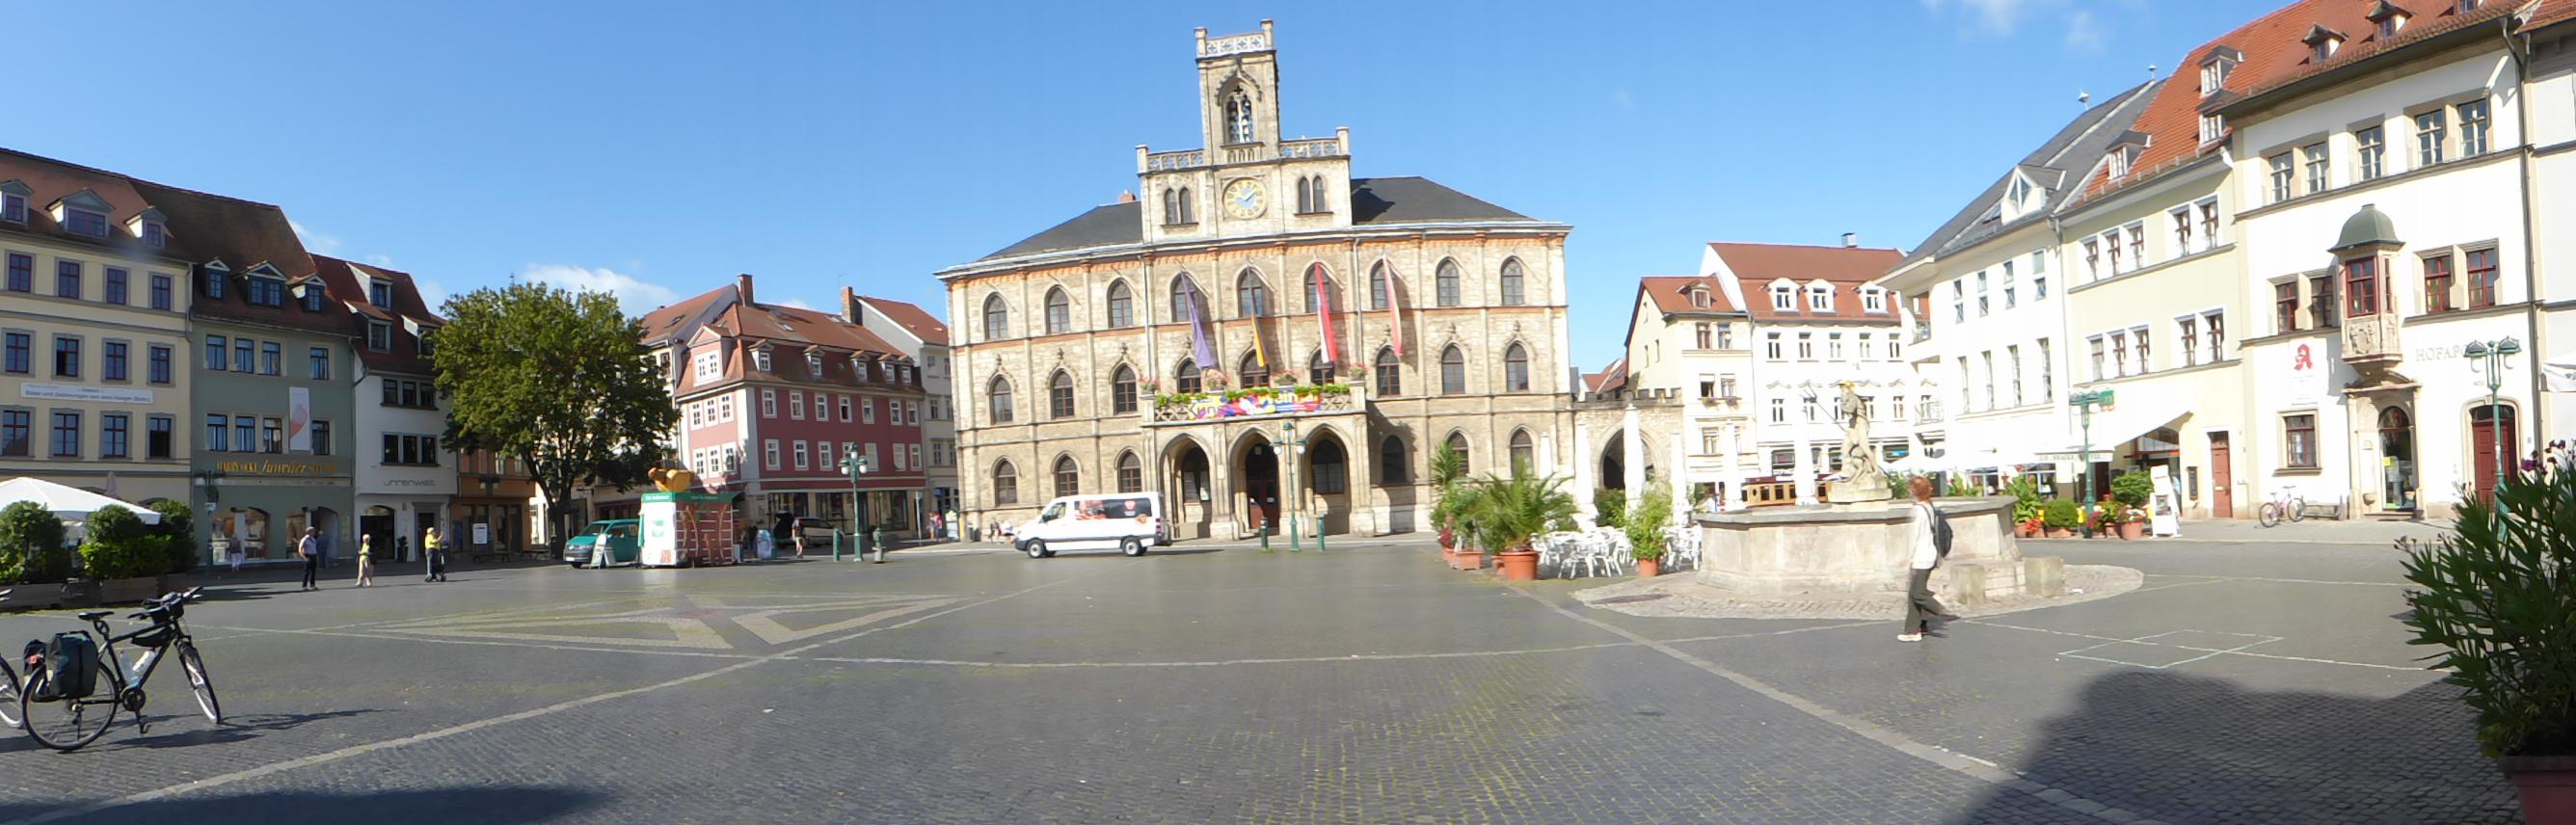 Rathaus von Weimar, Foto: D.Weirauch